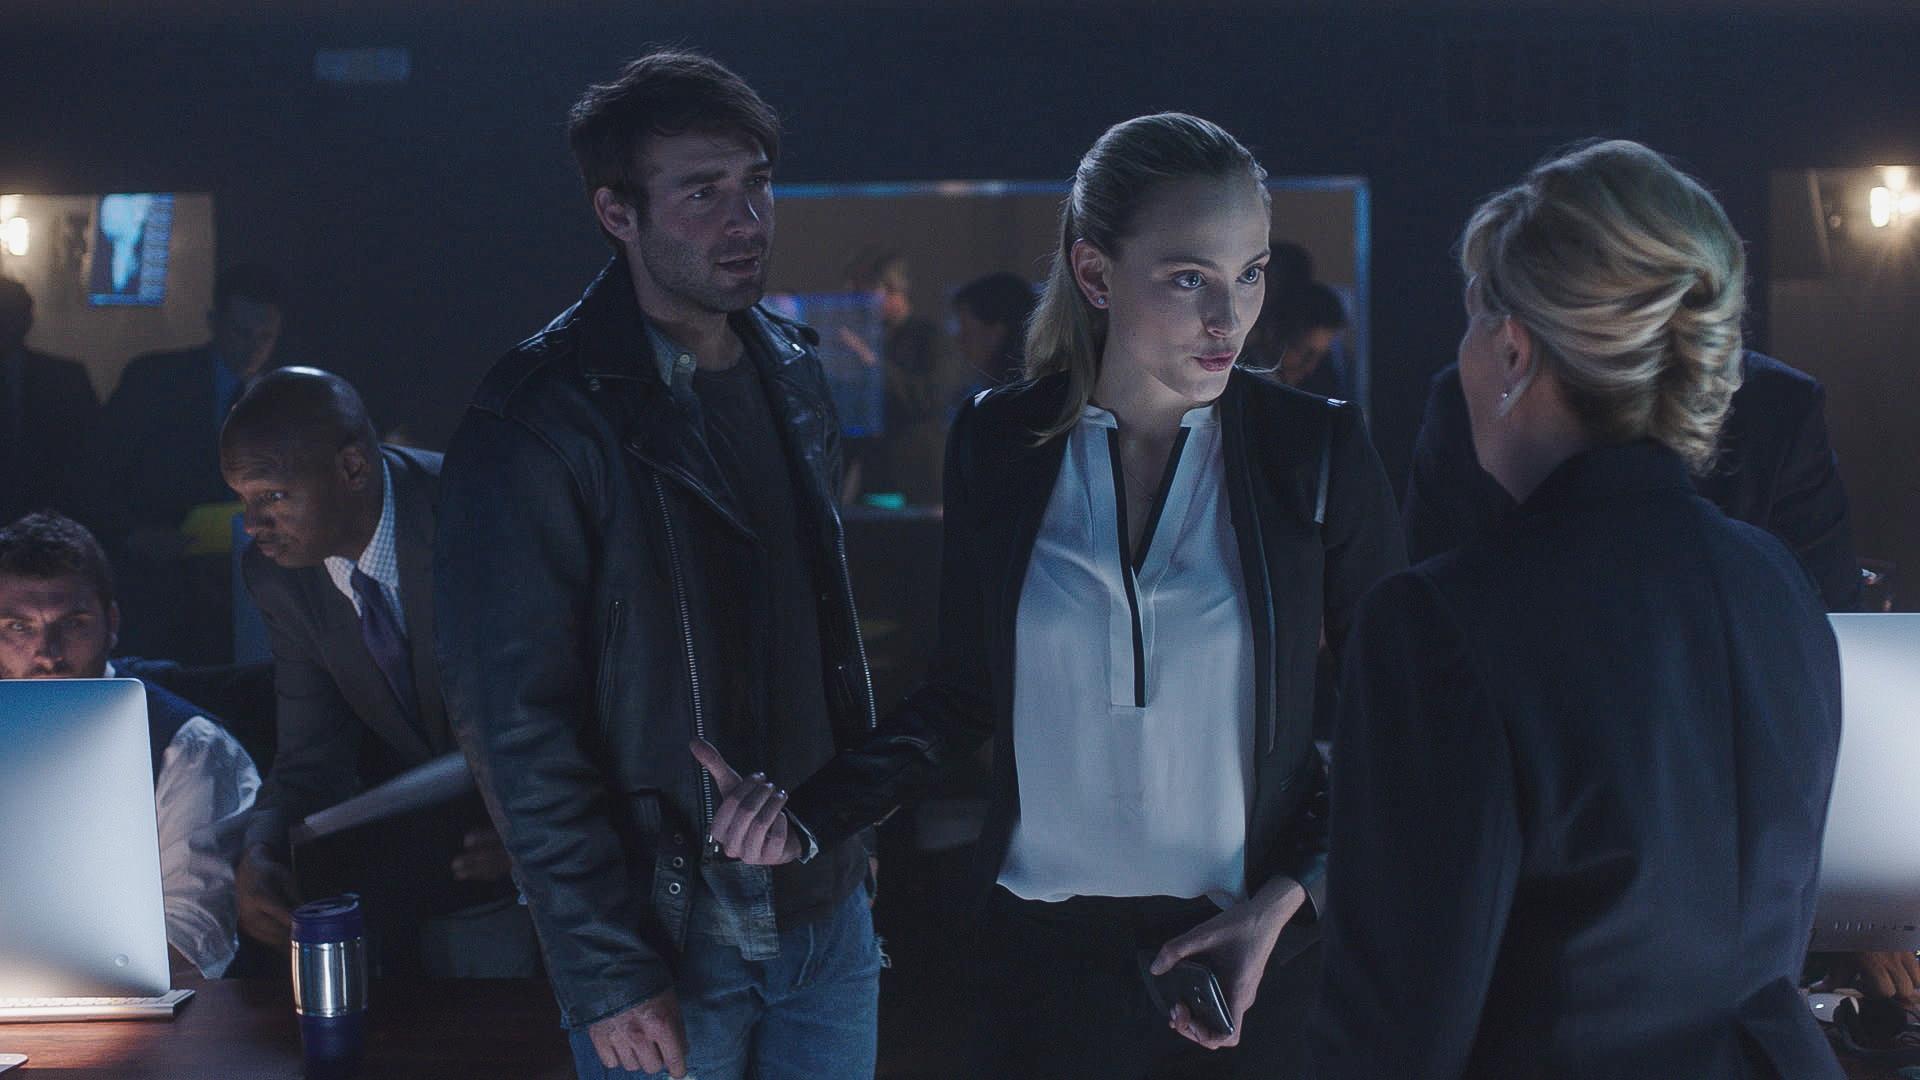 James Wolk as Jackson Oz and Nora Arnezeder as Chloe Tousignant.